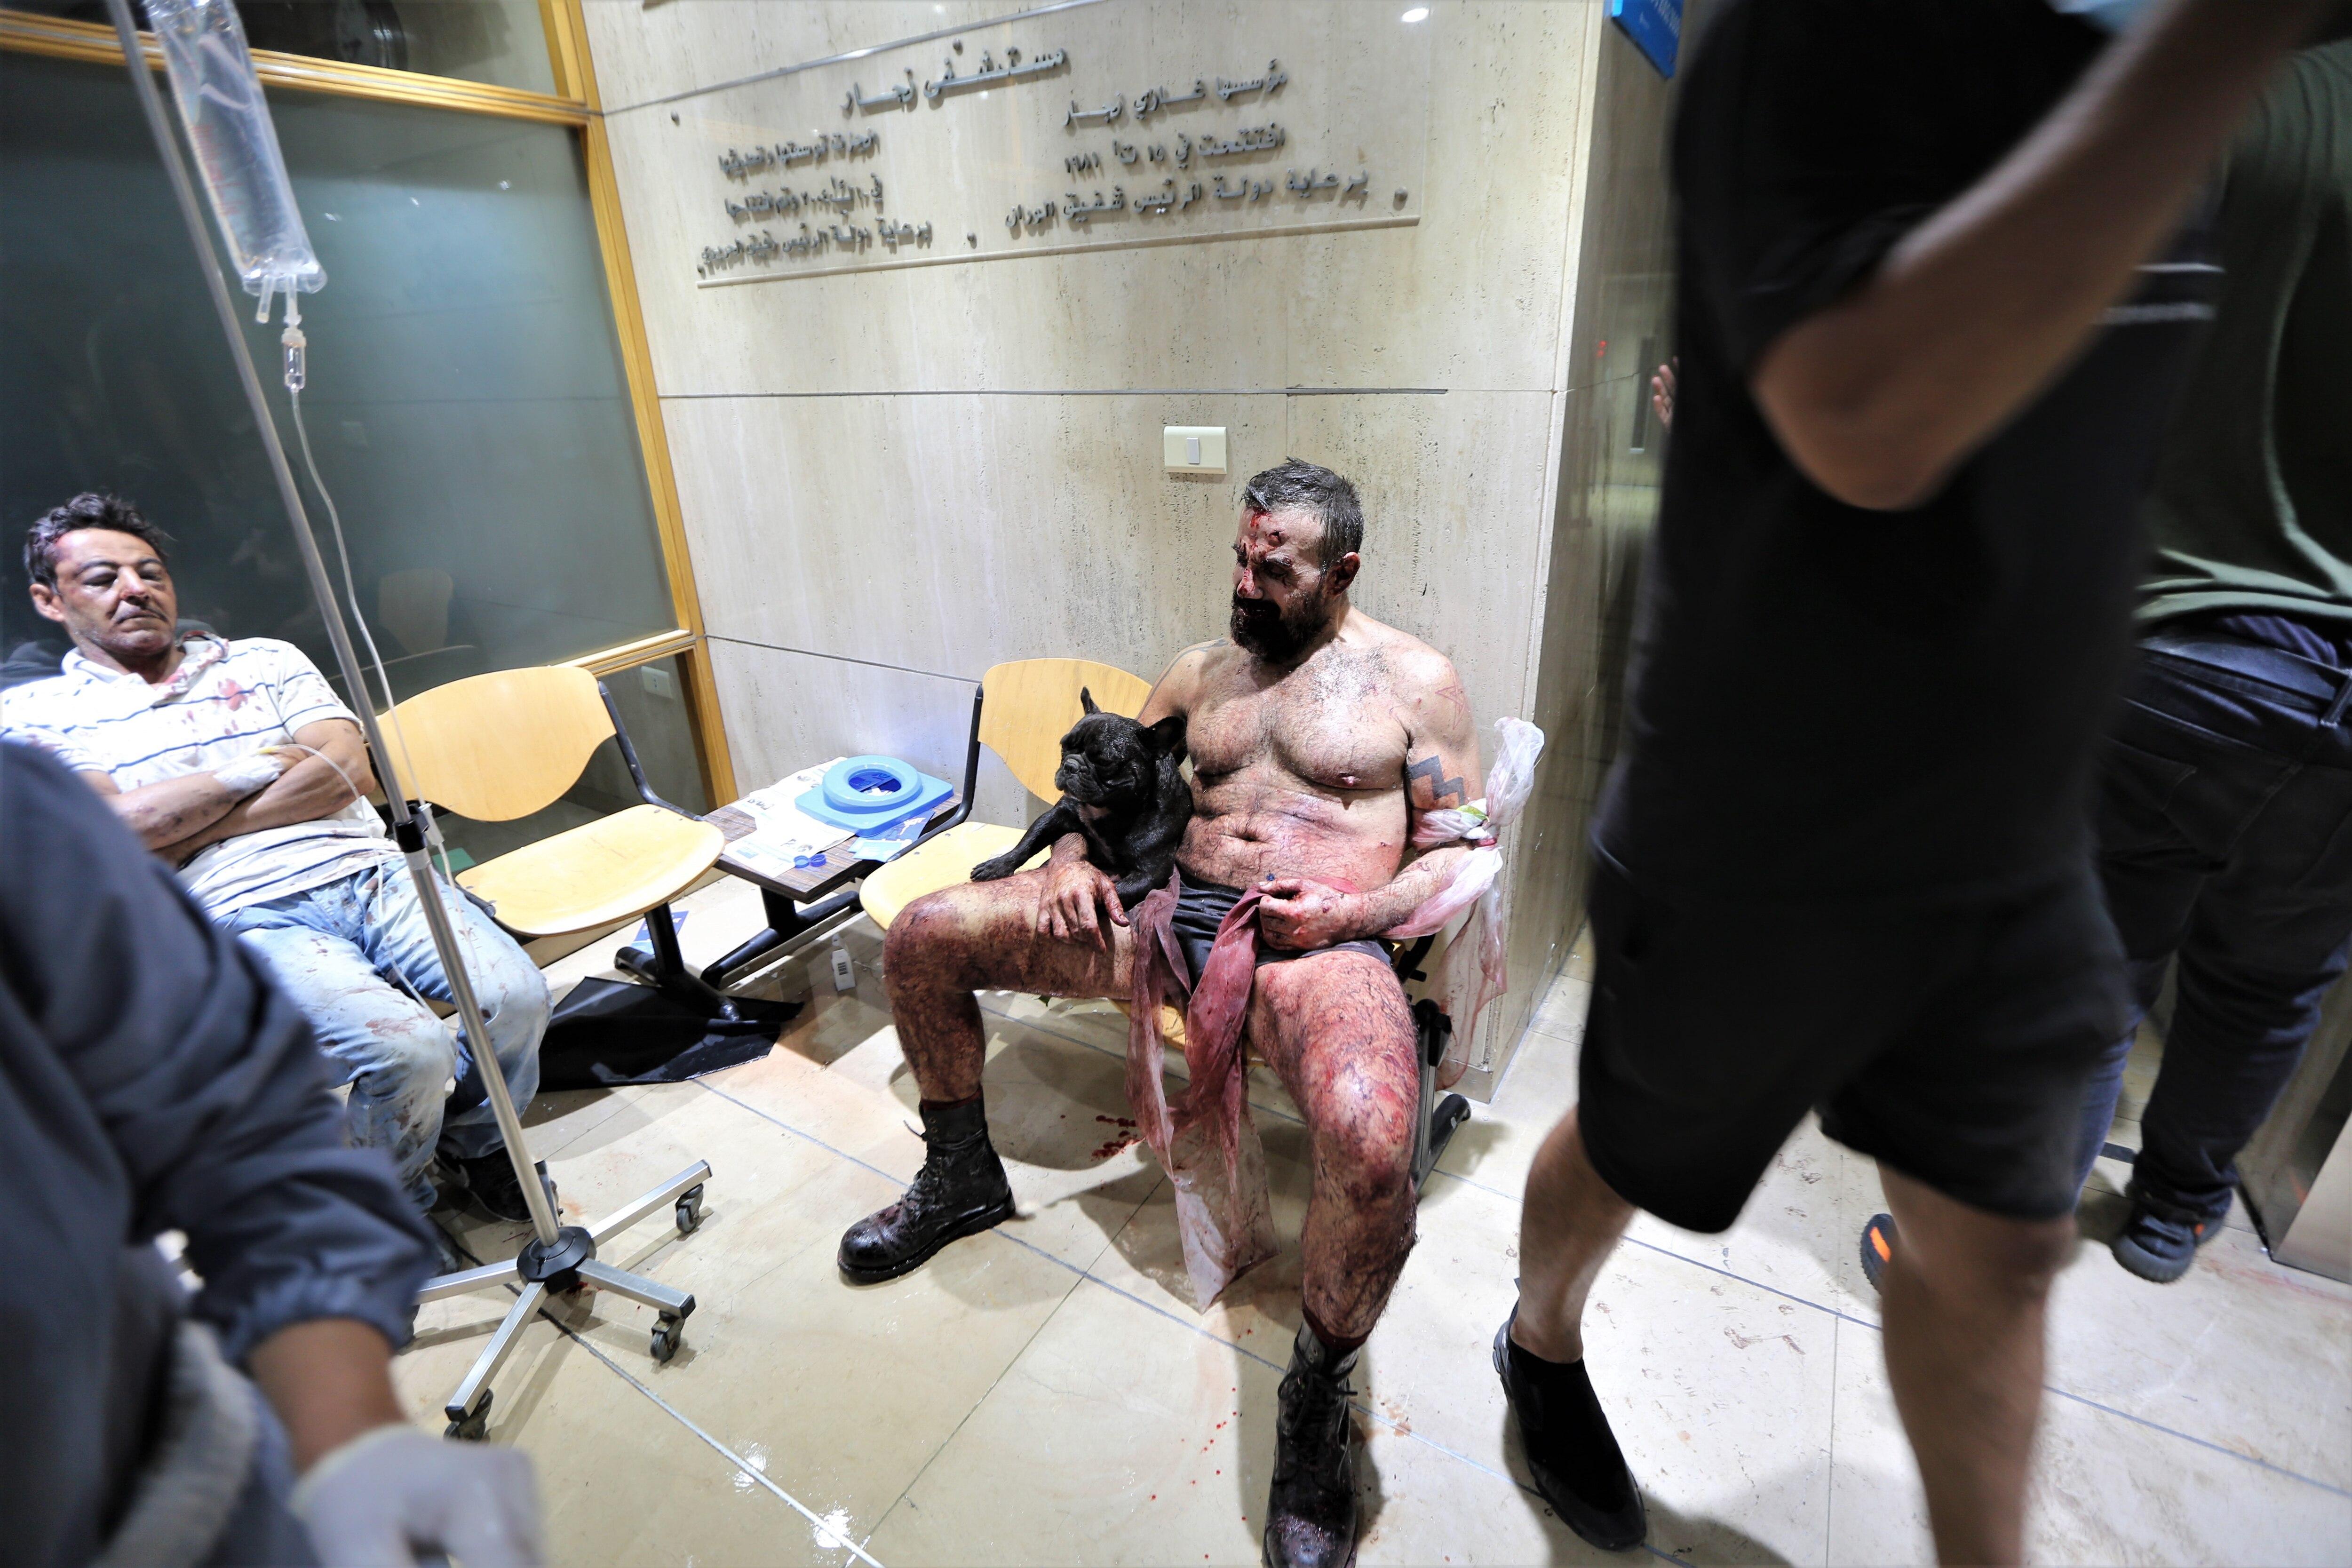 الجرحى في انفجار ميناء بيروت يتلقون الإسعافات الأولية في مستشفى النجار في منطقة الحمرا في بيروت ، لبنان.